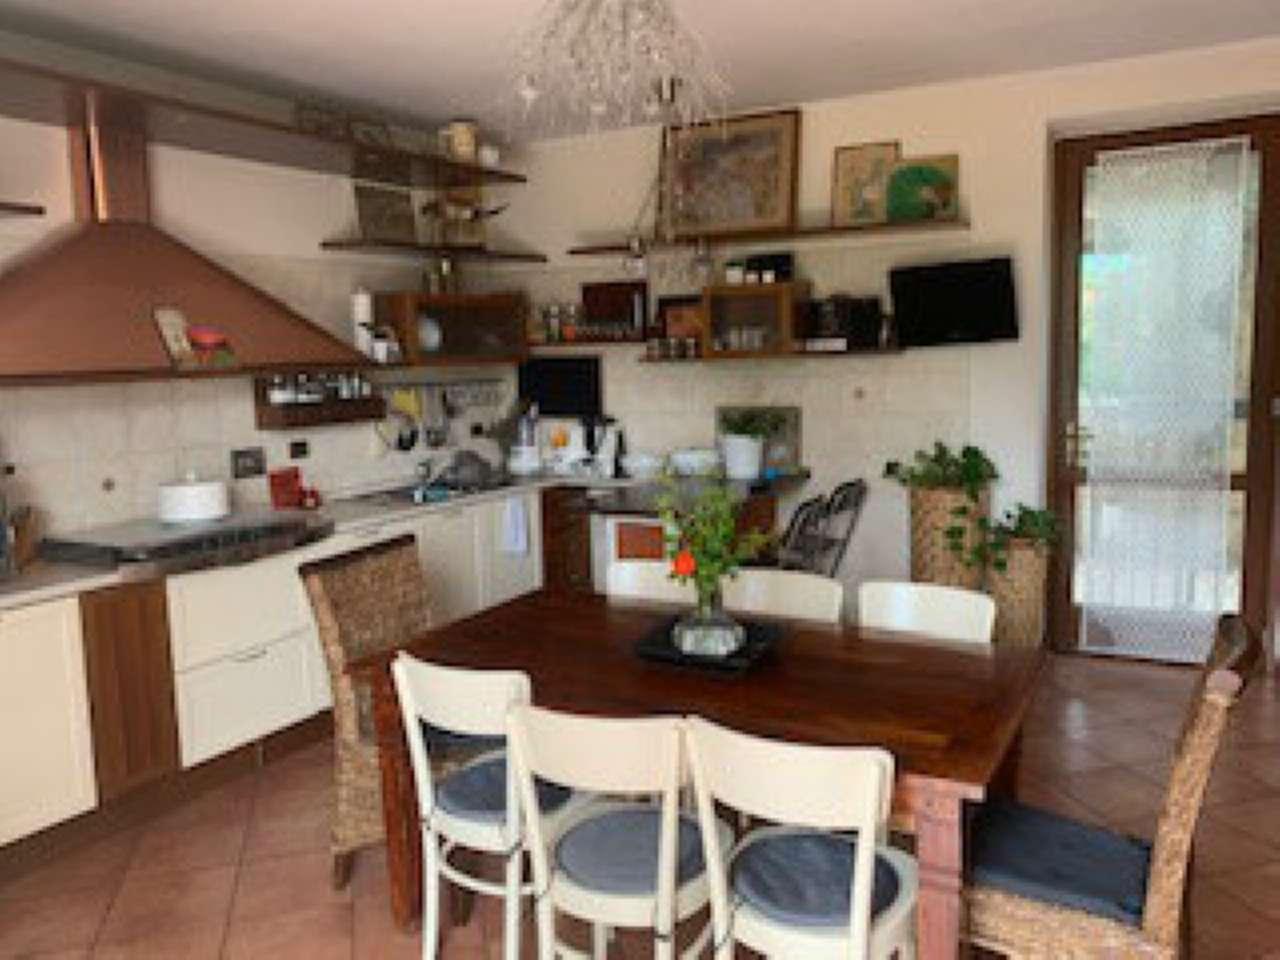 Soluzione Indipendente in vendita a Villarbasse, 5 locali, prezzo € 349.000   PortaleAgenzieImmobiliari.it